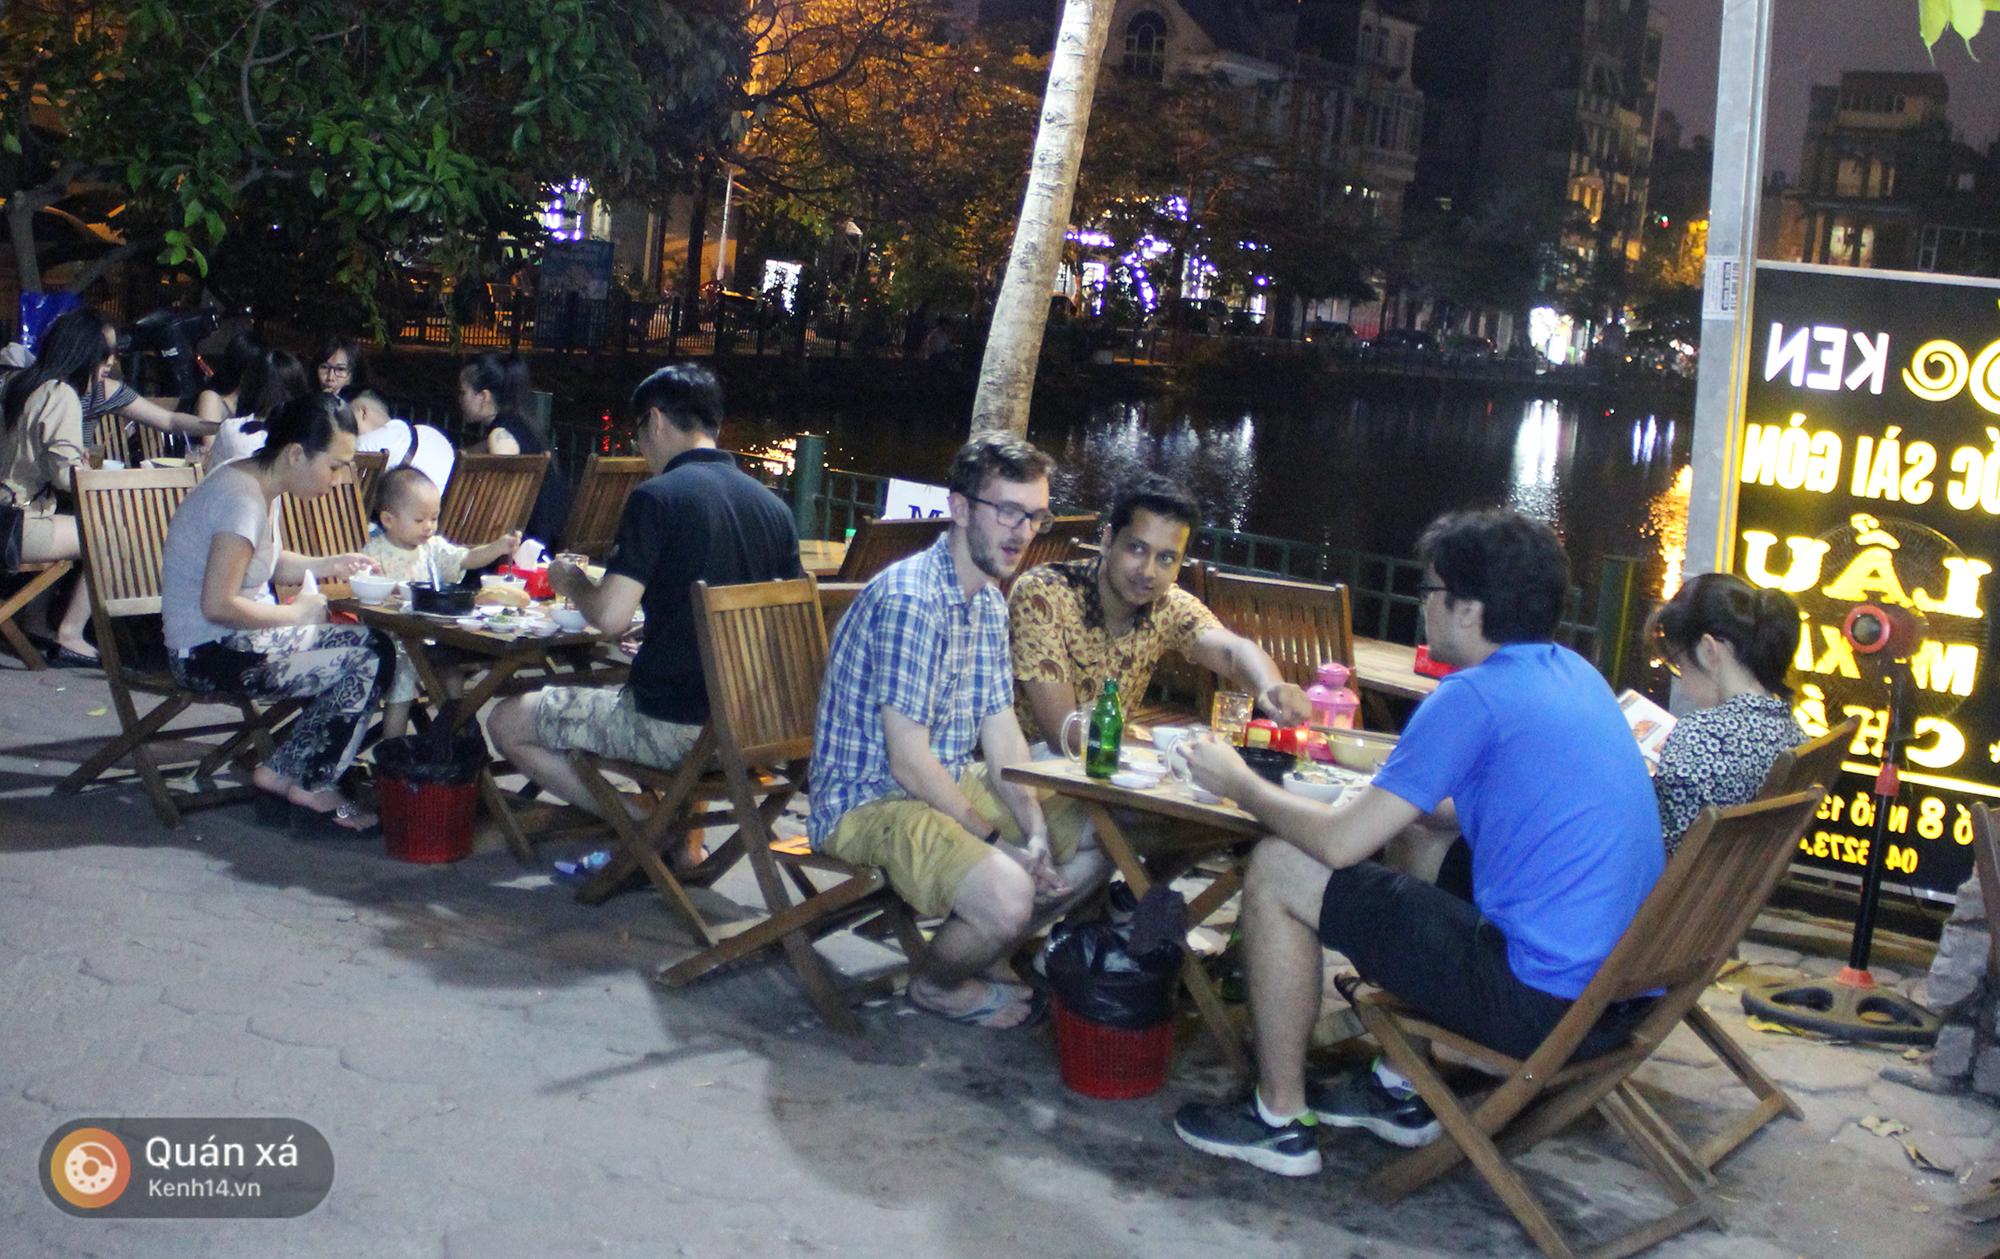 Ở Hà Nội mà thèm trứng cút lộn xào me thì ăn ở đâu nhỉ? - Ảnh 10.